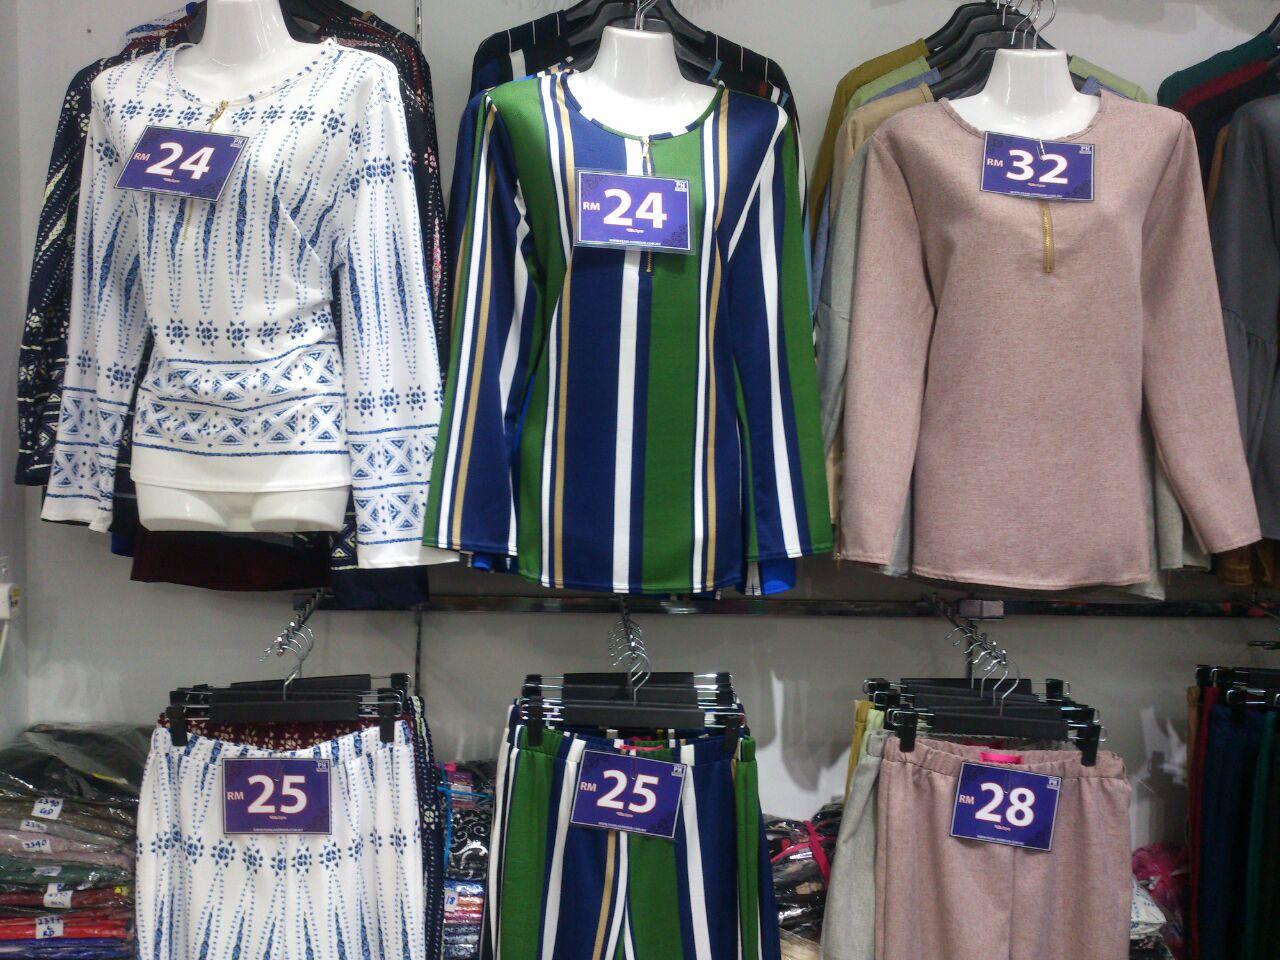 Gm Klang Borong Baju Wanita